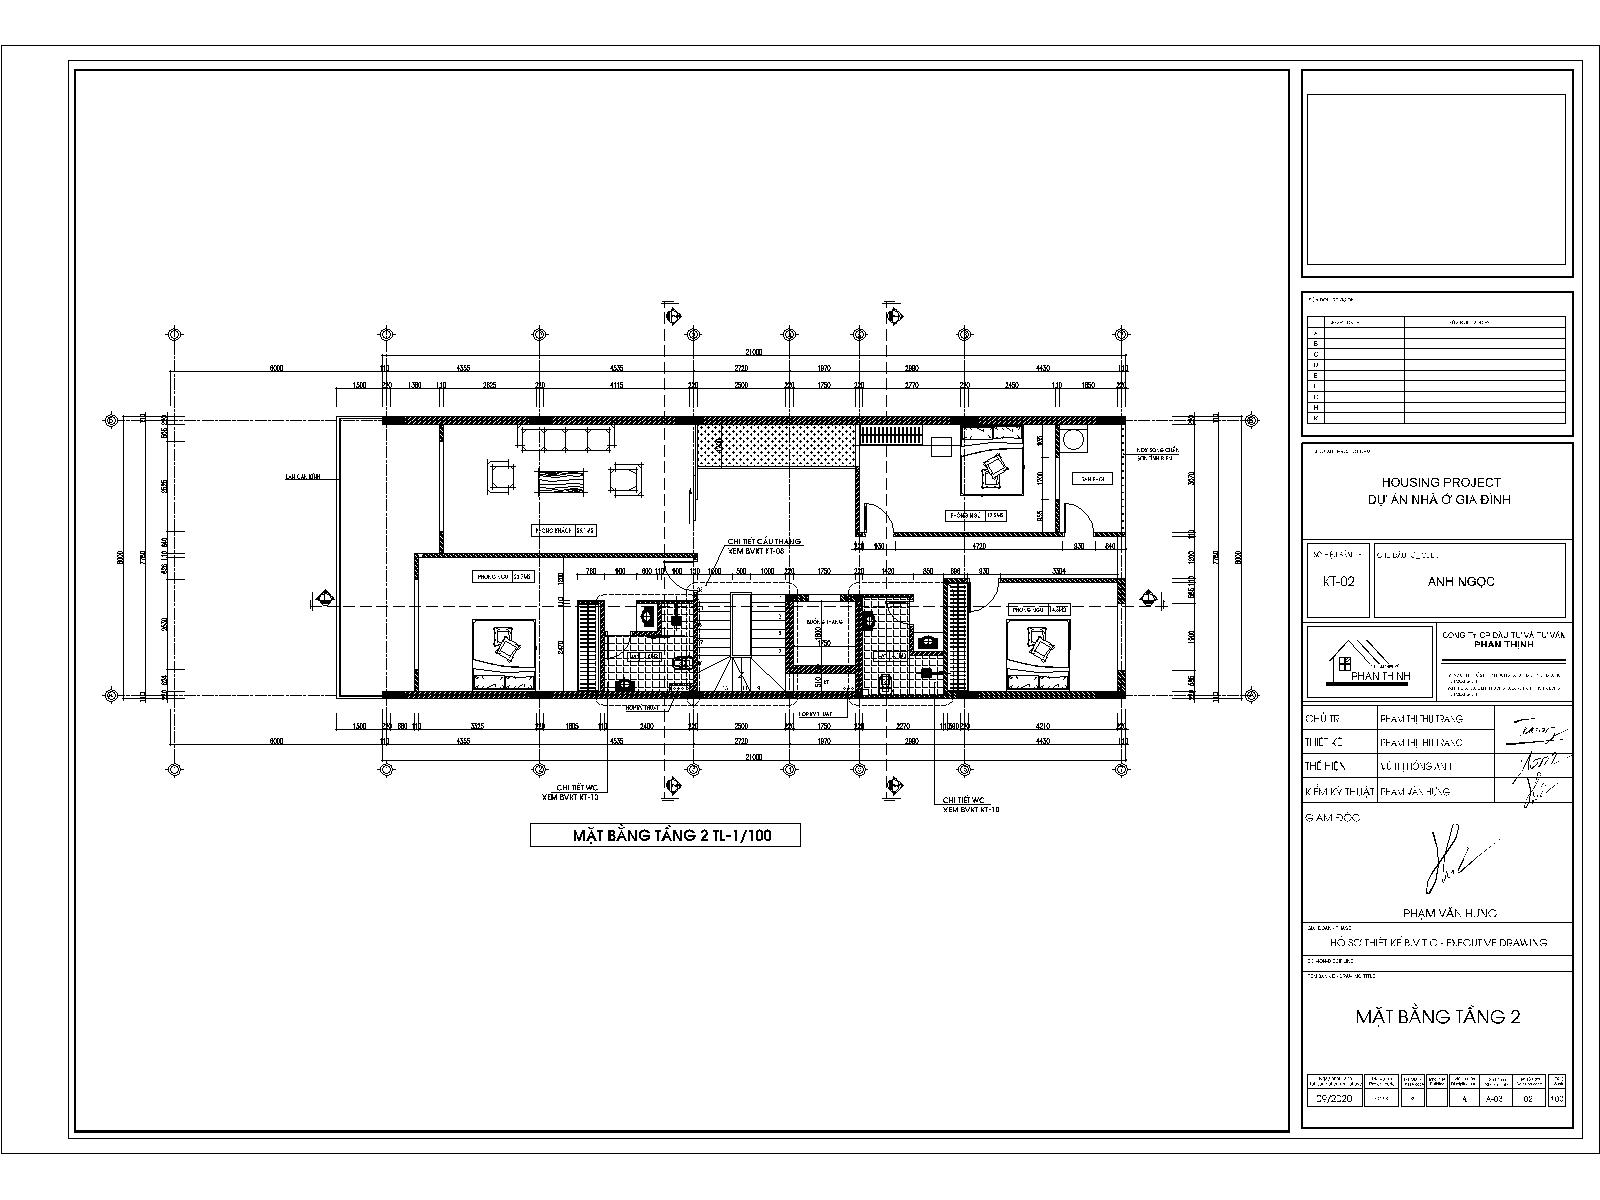 Mặt bằng tầng 2 - Thiết kế nhà ống đẹp 3 tầng